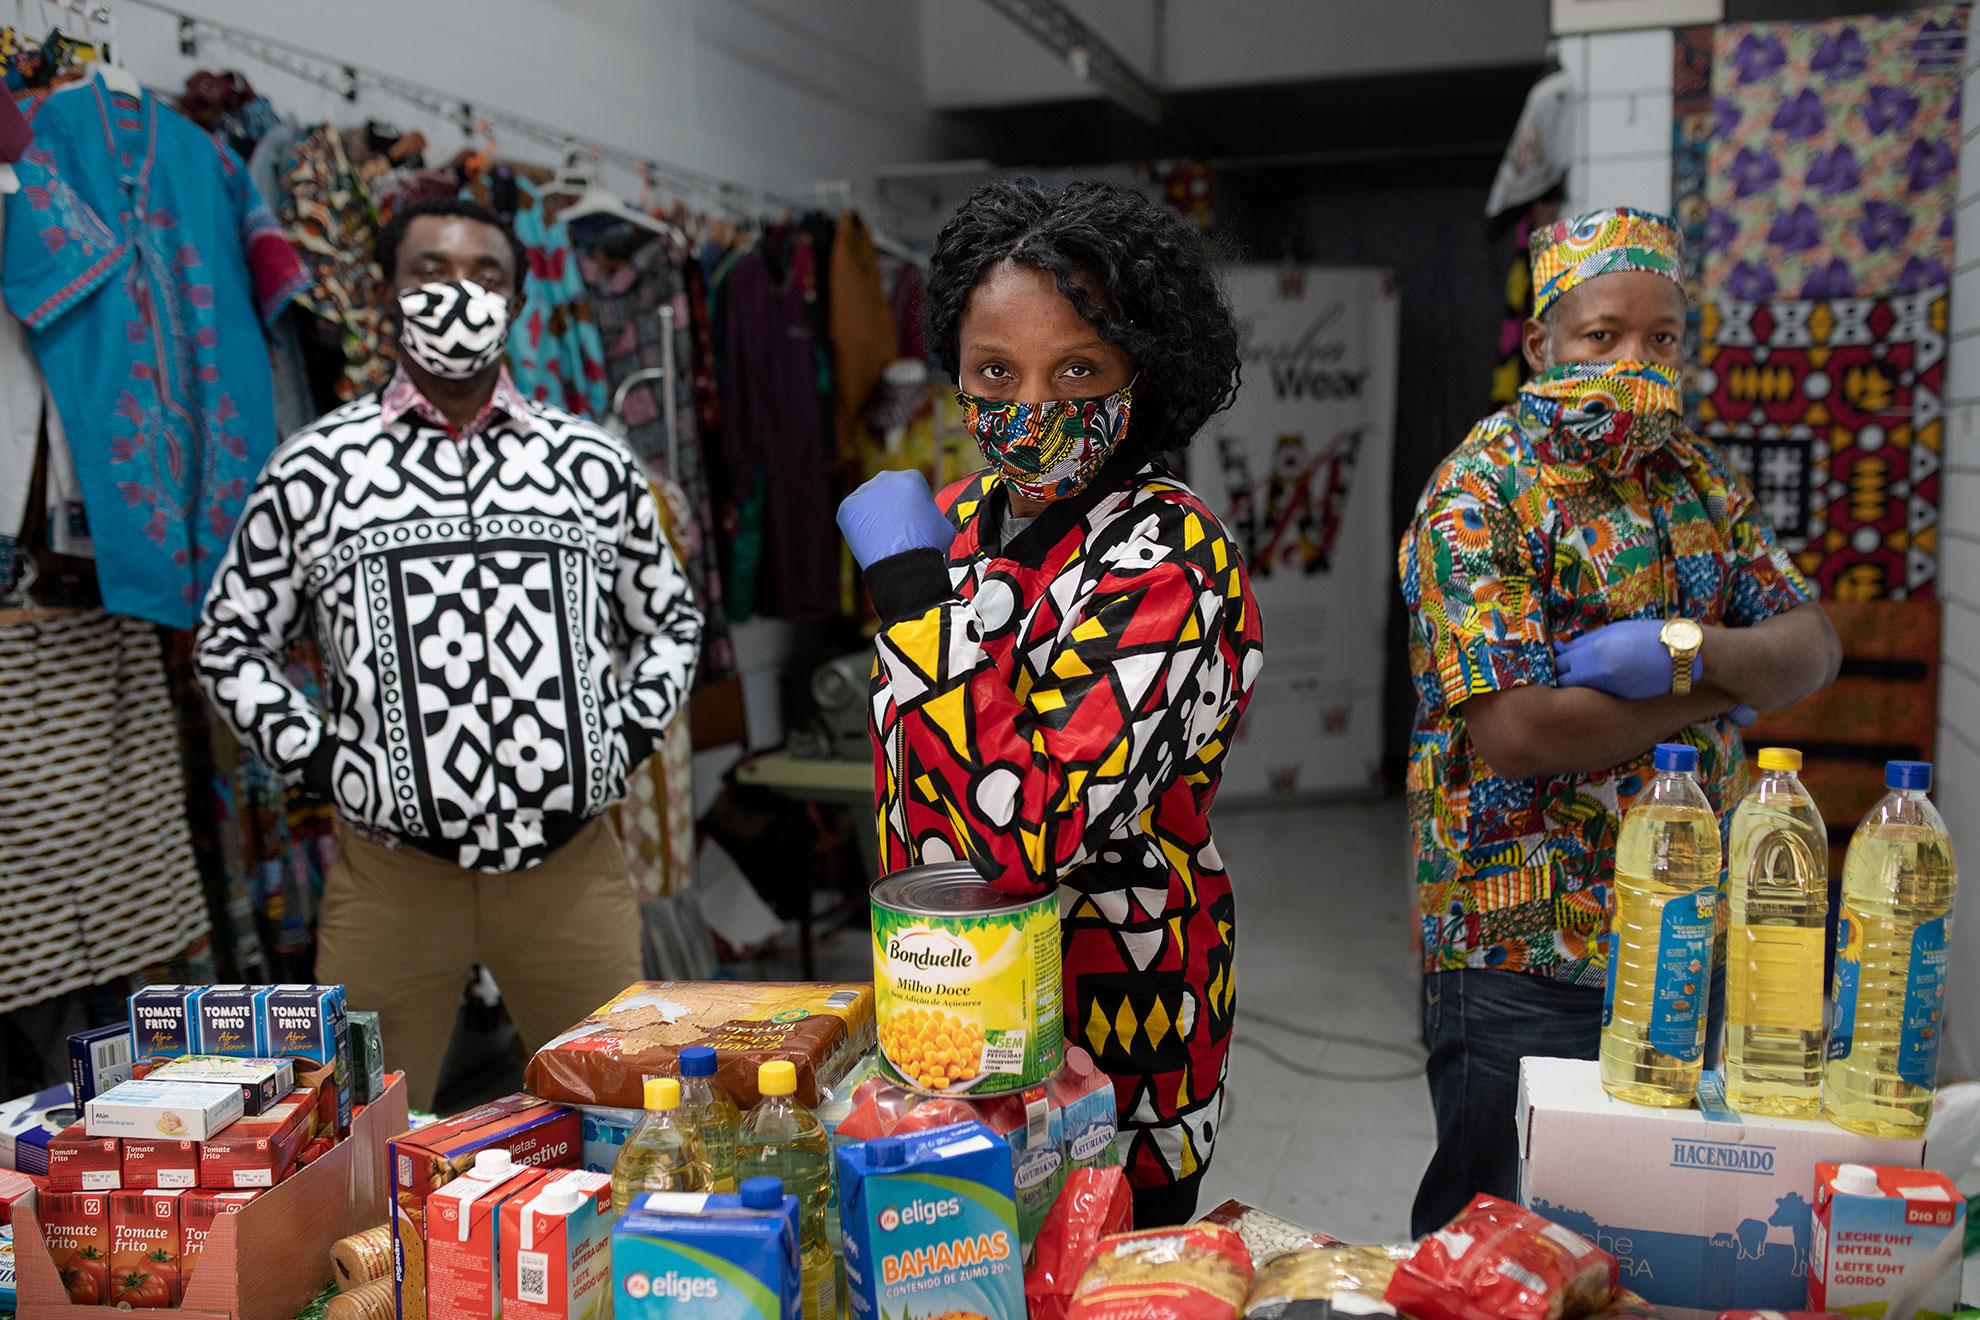 """Besha (35) es del Congo y llegó a España en 2007, Husmann (65) es guineano y lleva 20 años en Madrid, y Steve (32) es de Camerún y llegó hace dos años. Los tres son voluntarios en distintas asociaciones y reparten comida, en el barrio de Lavapiés, a quienes la necesitan. Ya lo hacían antes de la pandemia, pero ahora más. No distinguen entre nacionalidades, no importa si son migrantes o españoles. Si no tienen comida, ellos se la dan. Besha dice que es voluntaria desde que nació, que ayudar a la gente es una vocación. """"No es sólo ayudar con dinero, también dando apoyo, autoestima, lo que tú tengas"""", explica. No le da miedo arriesgarse estos días a contagiarse con el Covid-19. Husmann sí reconoce tener miedo del virus, pero dice que también hay personas muriendo de hambre, y esta ayuda es necesaria. Steve coincide, """"¿si todo el mundo tuviera miedo de su salud, quién iba a ayuda?"""